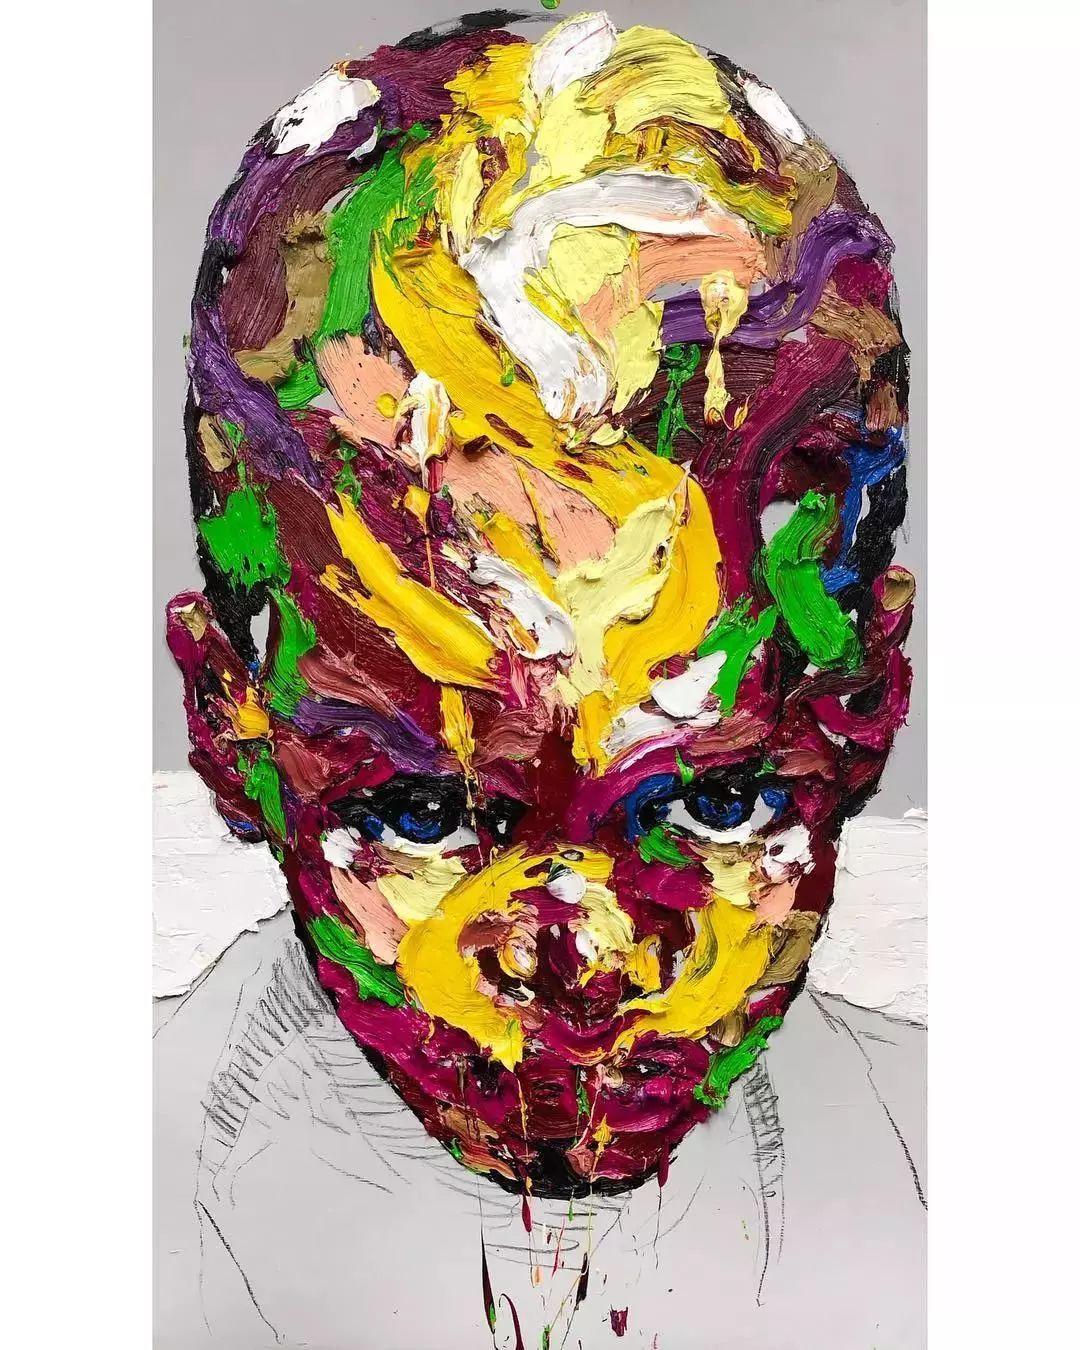 一些看着很过瘾的作品——shin kwangho插图9